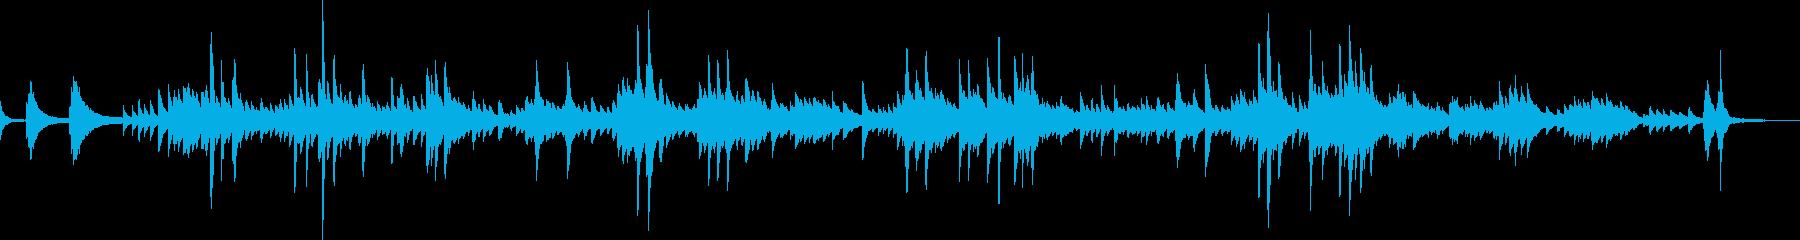 和風・ピアノ・BGM・京都・伝統の再生済みの波形